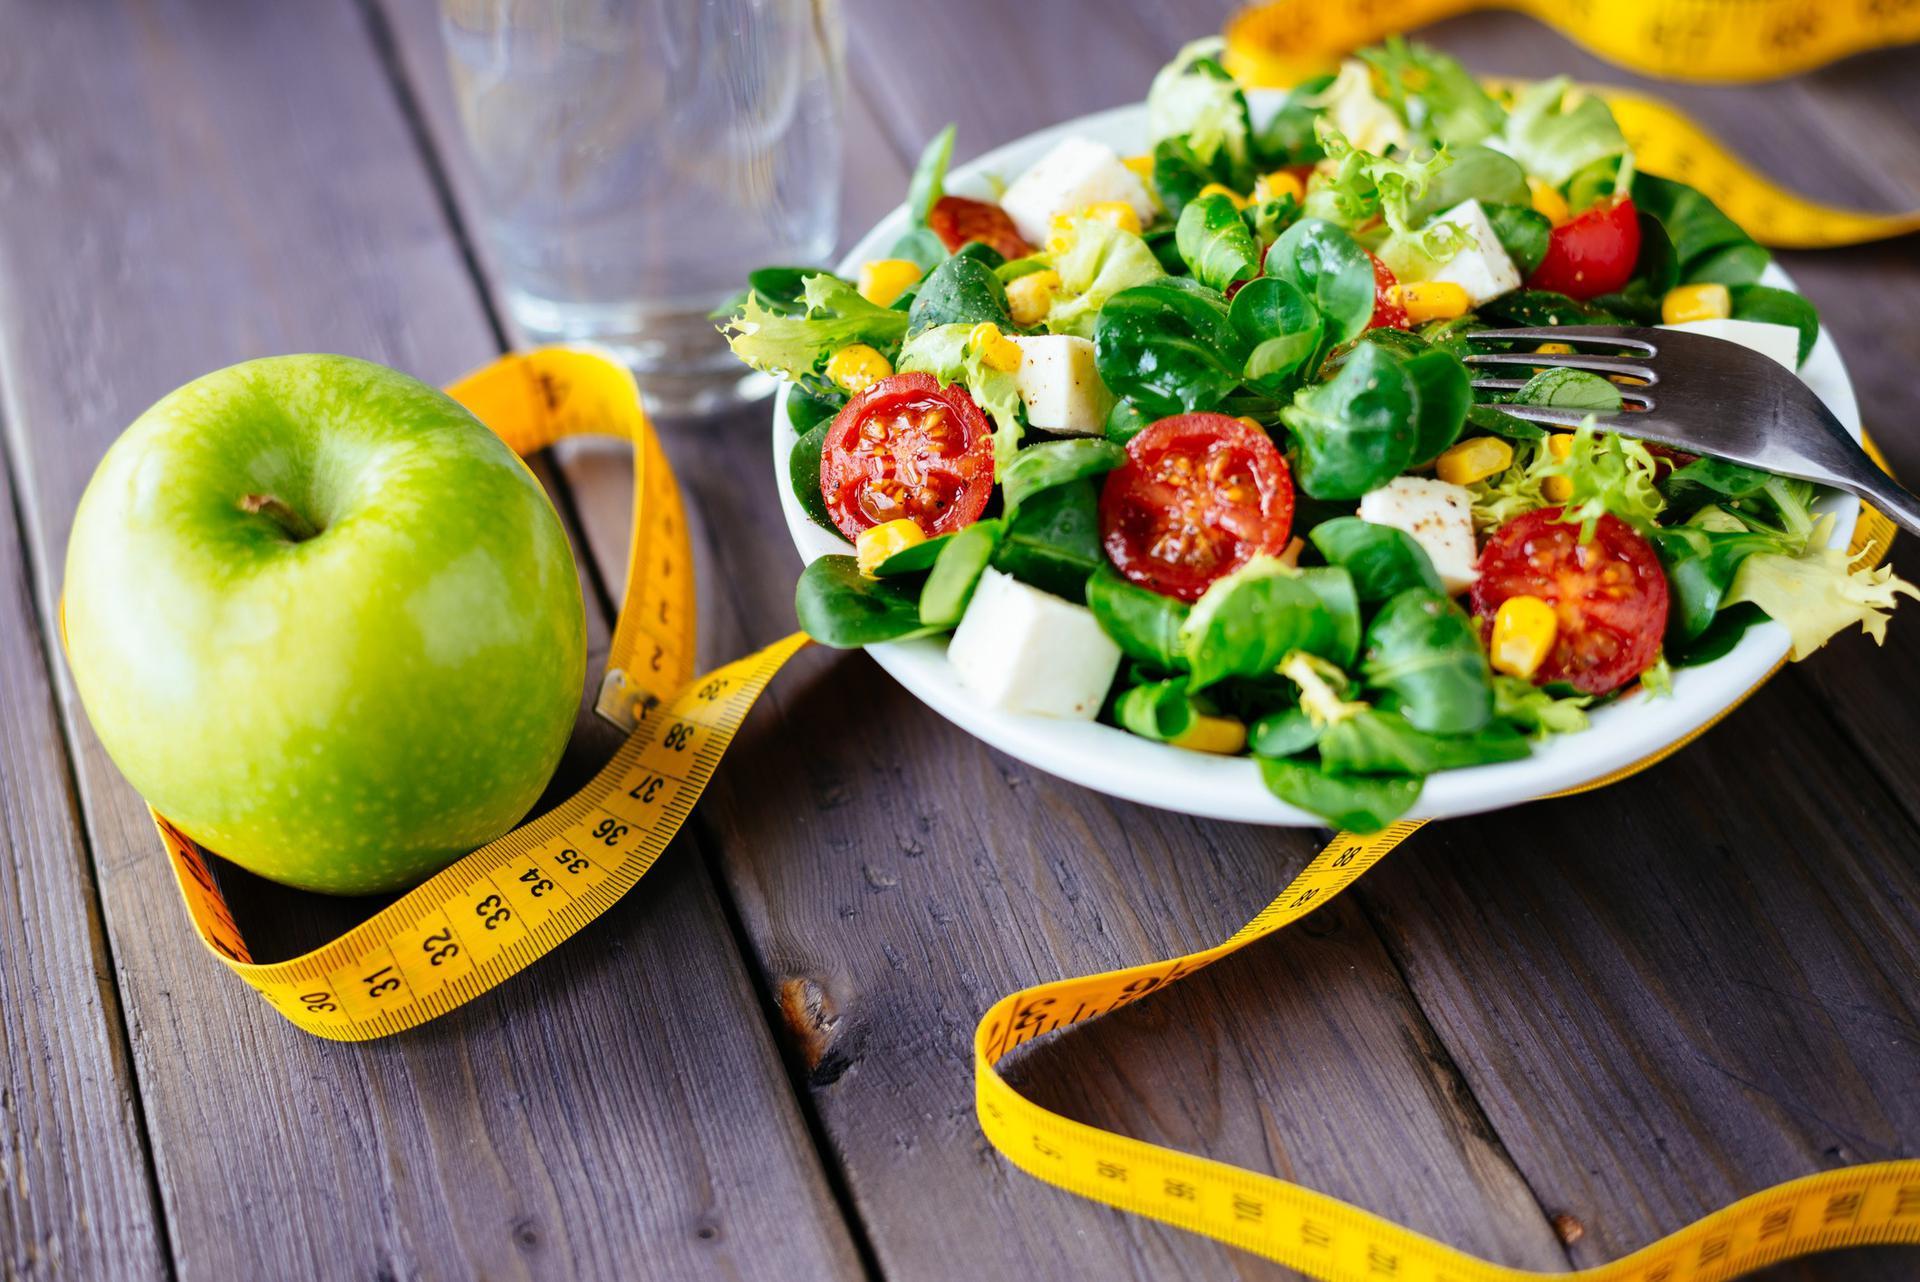 Dieta 1000 Kcal Co Mozna Jesc Przykladowy Jadlospis